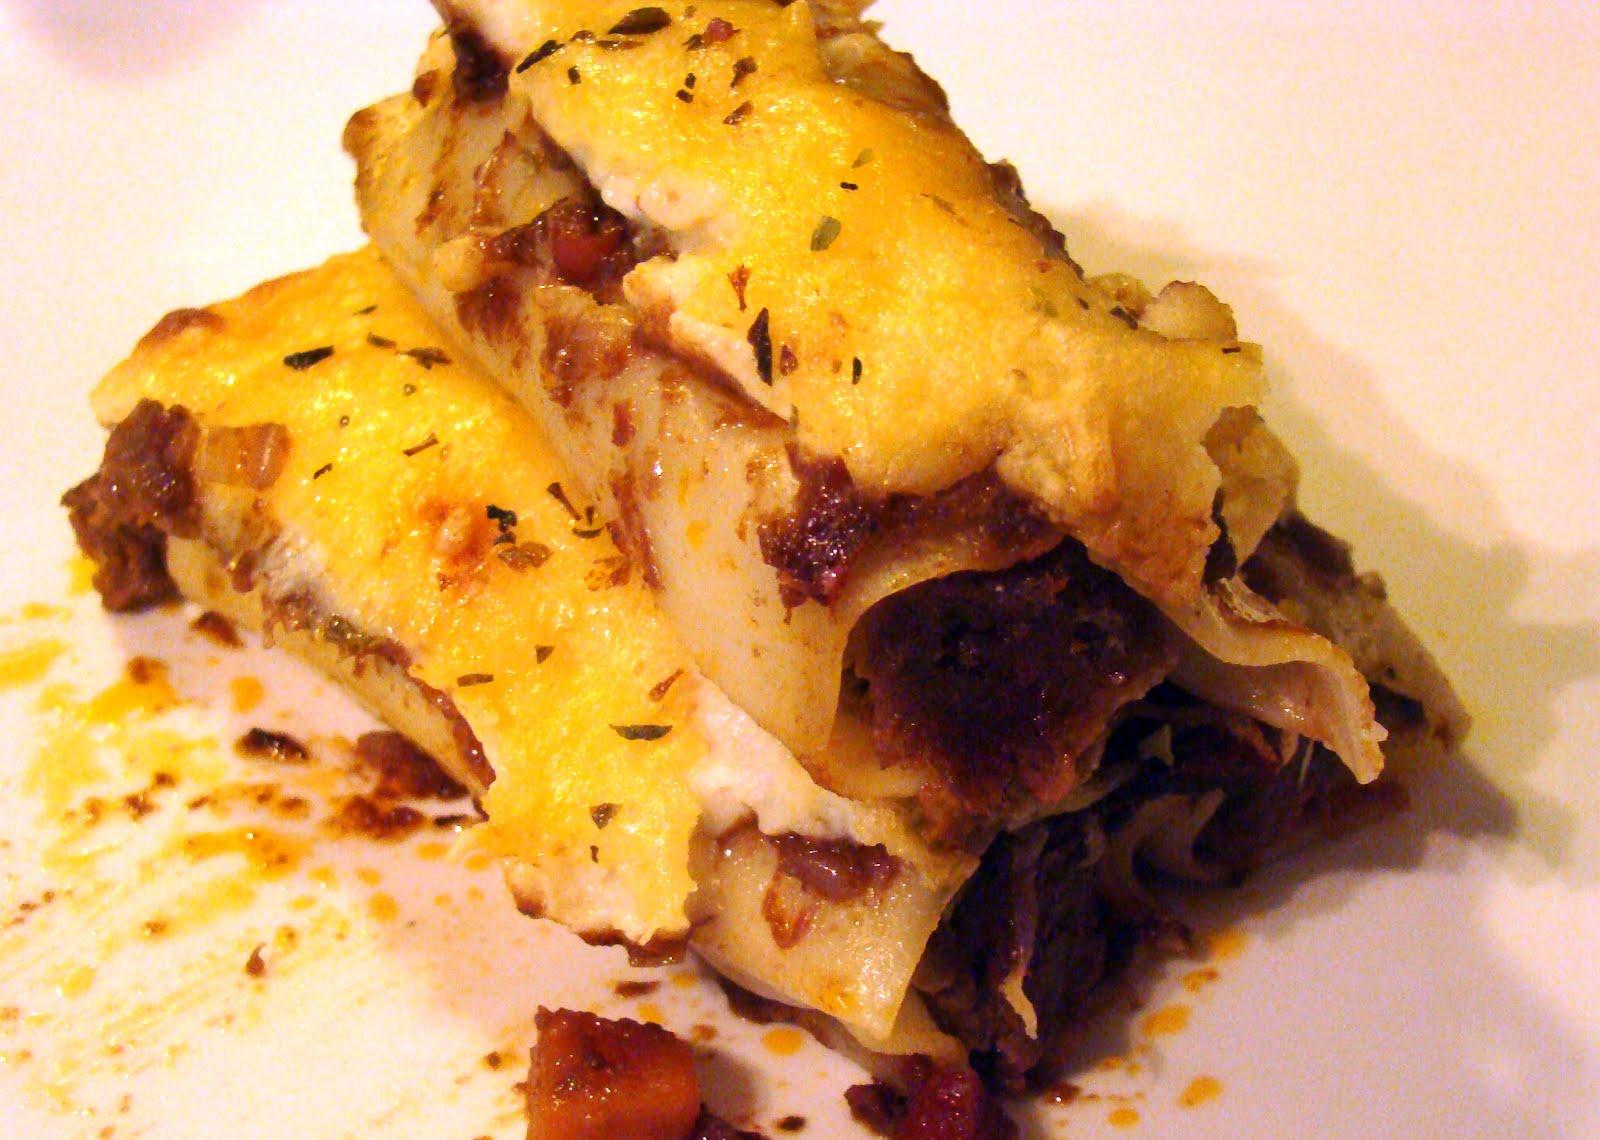 Mi receta de la semana canelones cocina de aprovechamiento for Cocina de aprovechamiento